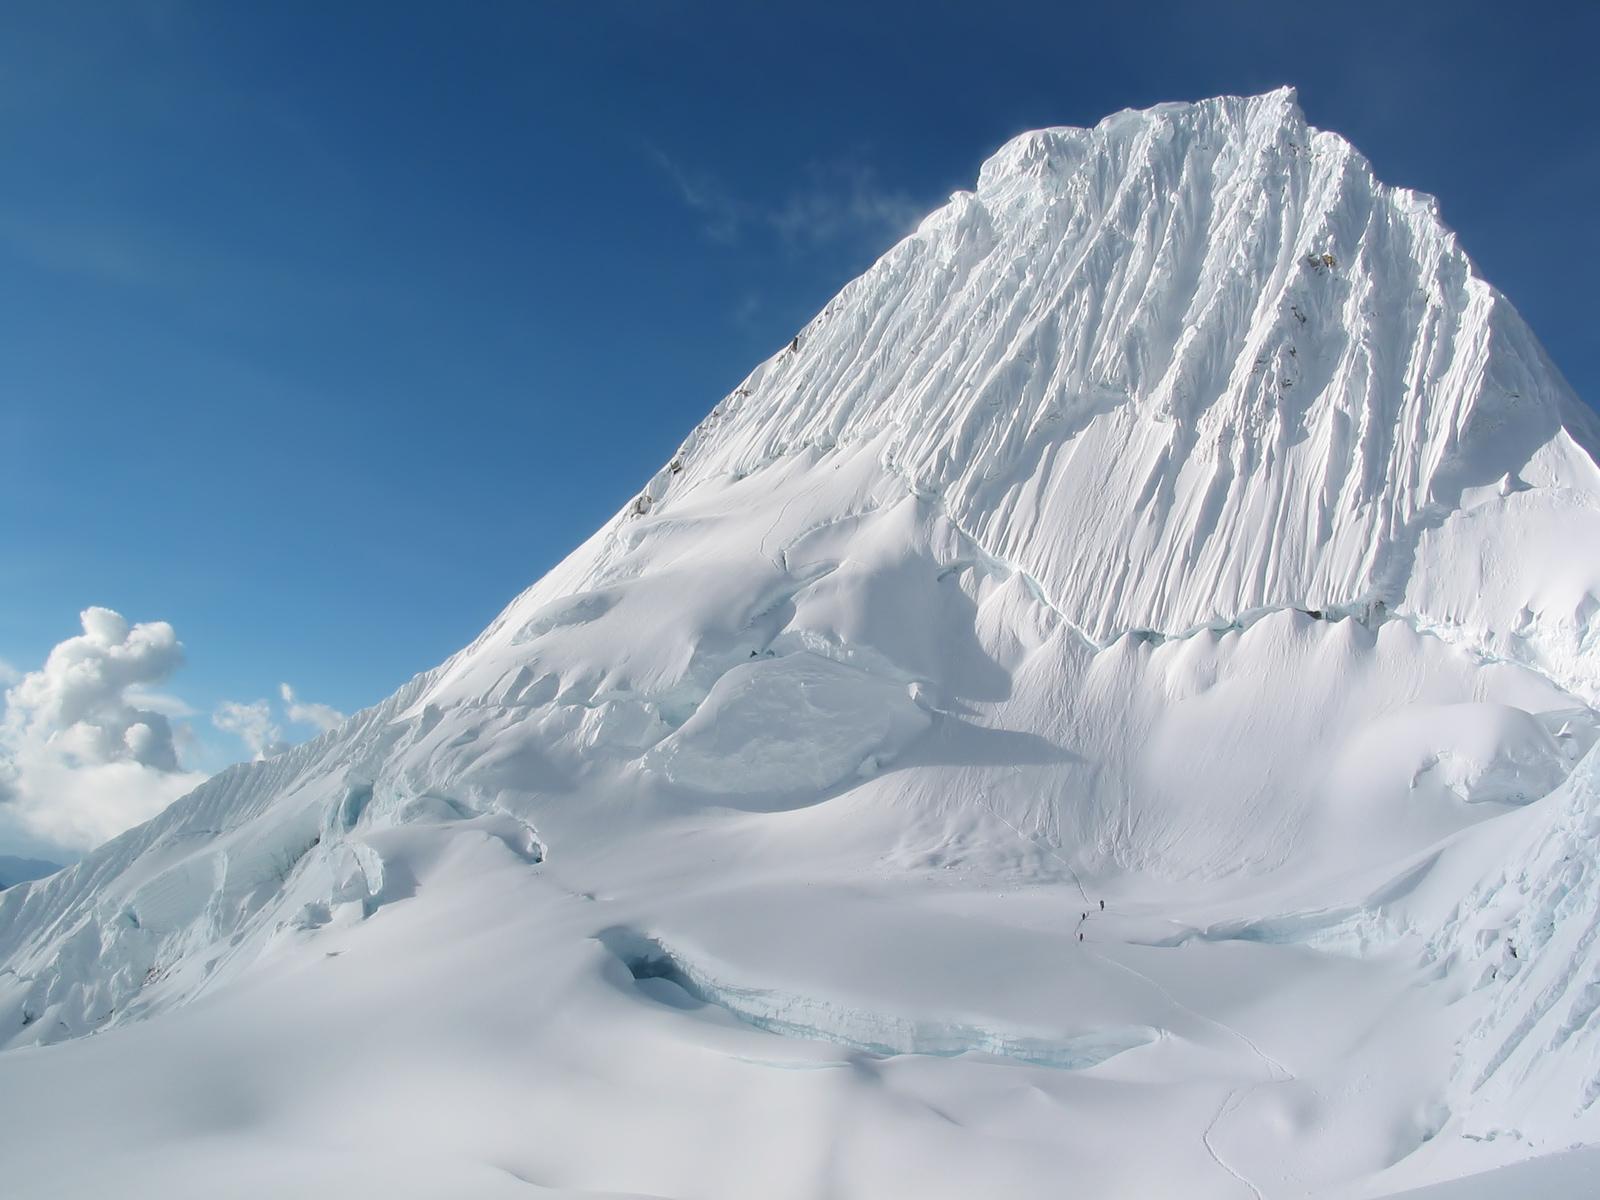 montagne-eneiger